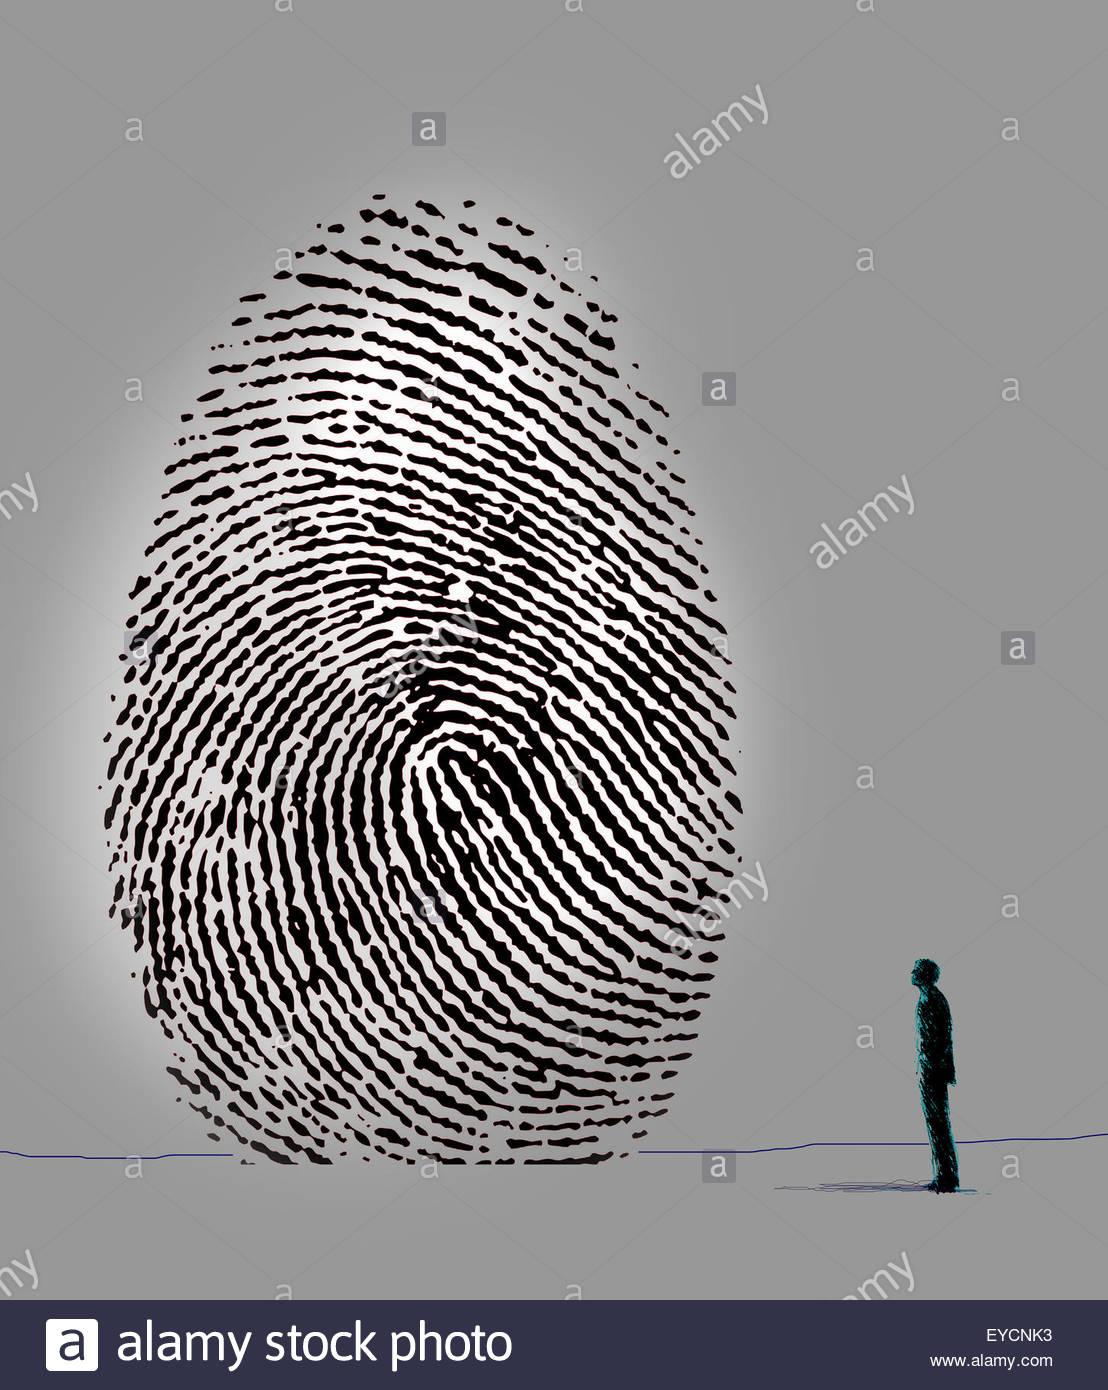 Uomo che guarda verso l'alto a impronte digitali di grandi dimensioni Immagini Stock